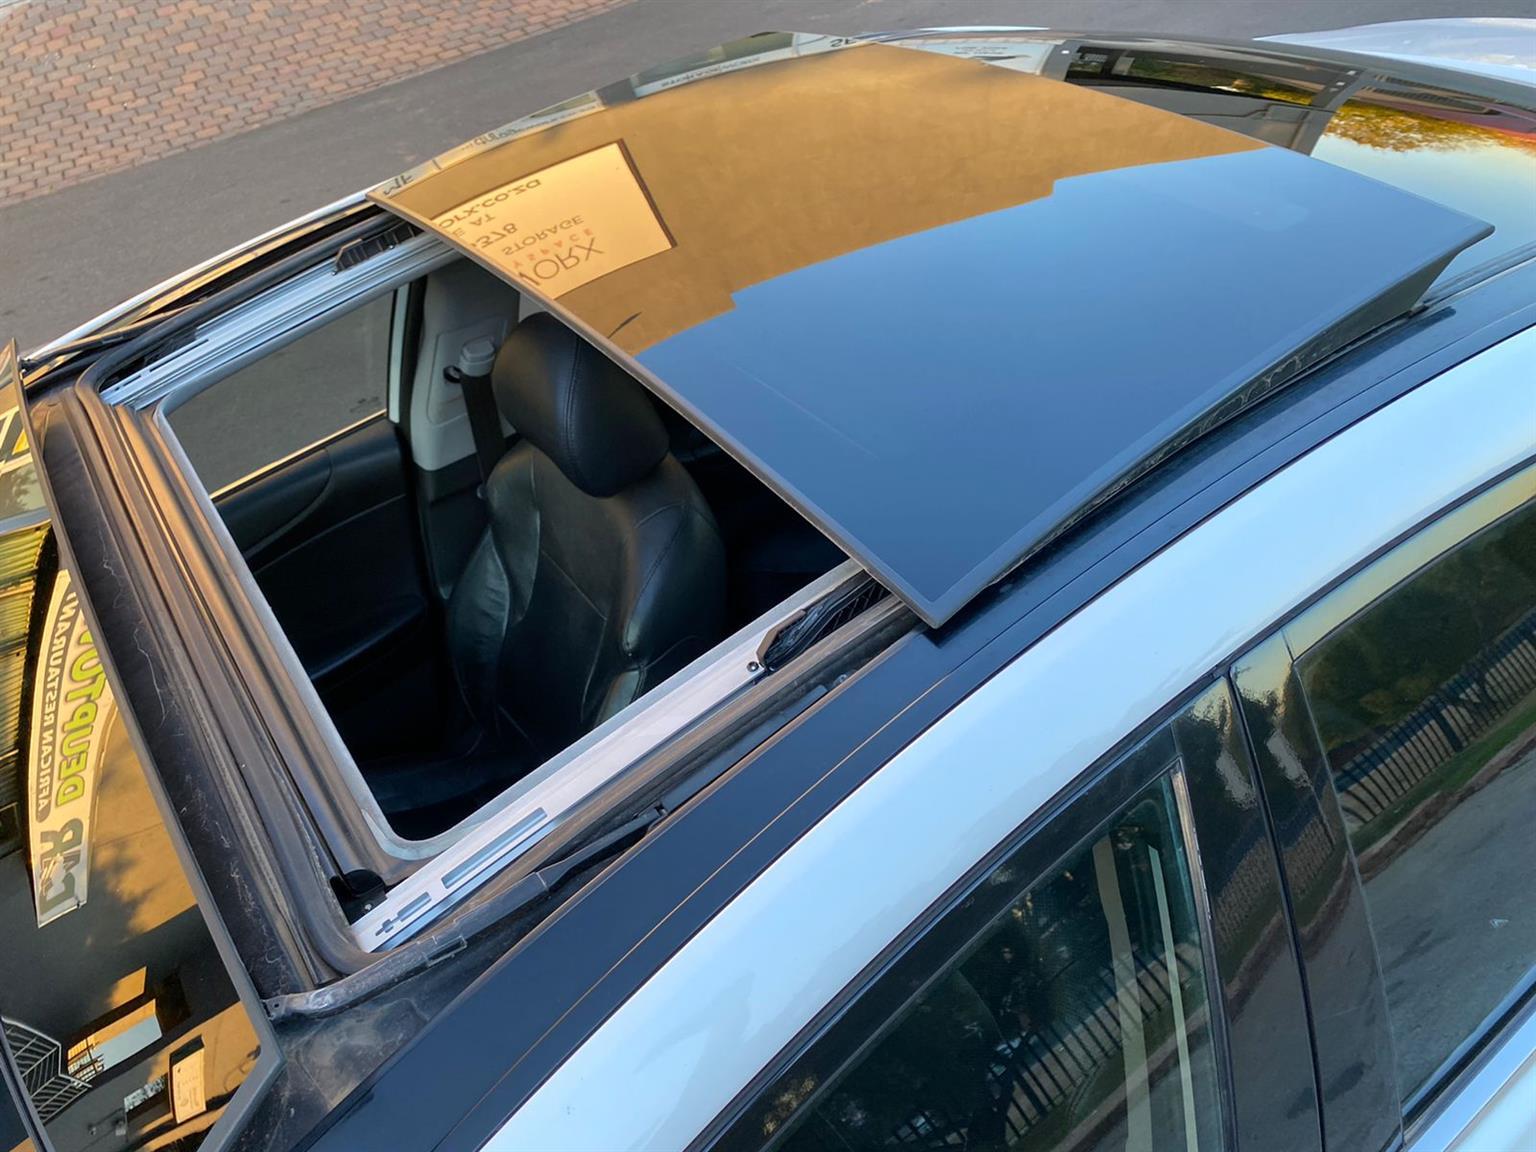 2011 Hyundai Sonata 2.4 GLS Executive Automatic for sale!